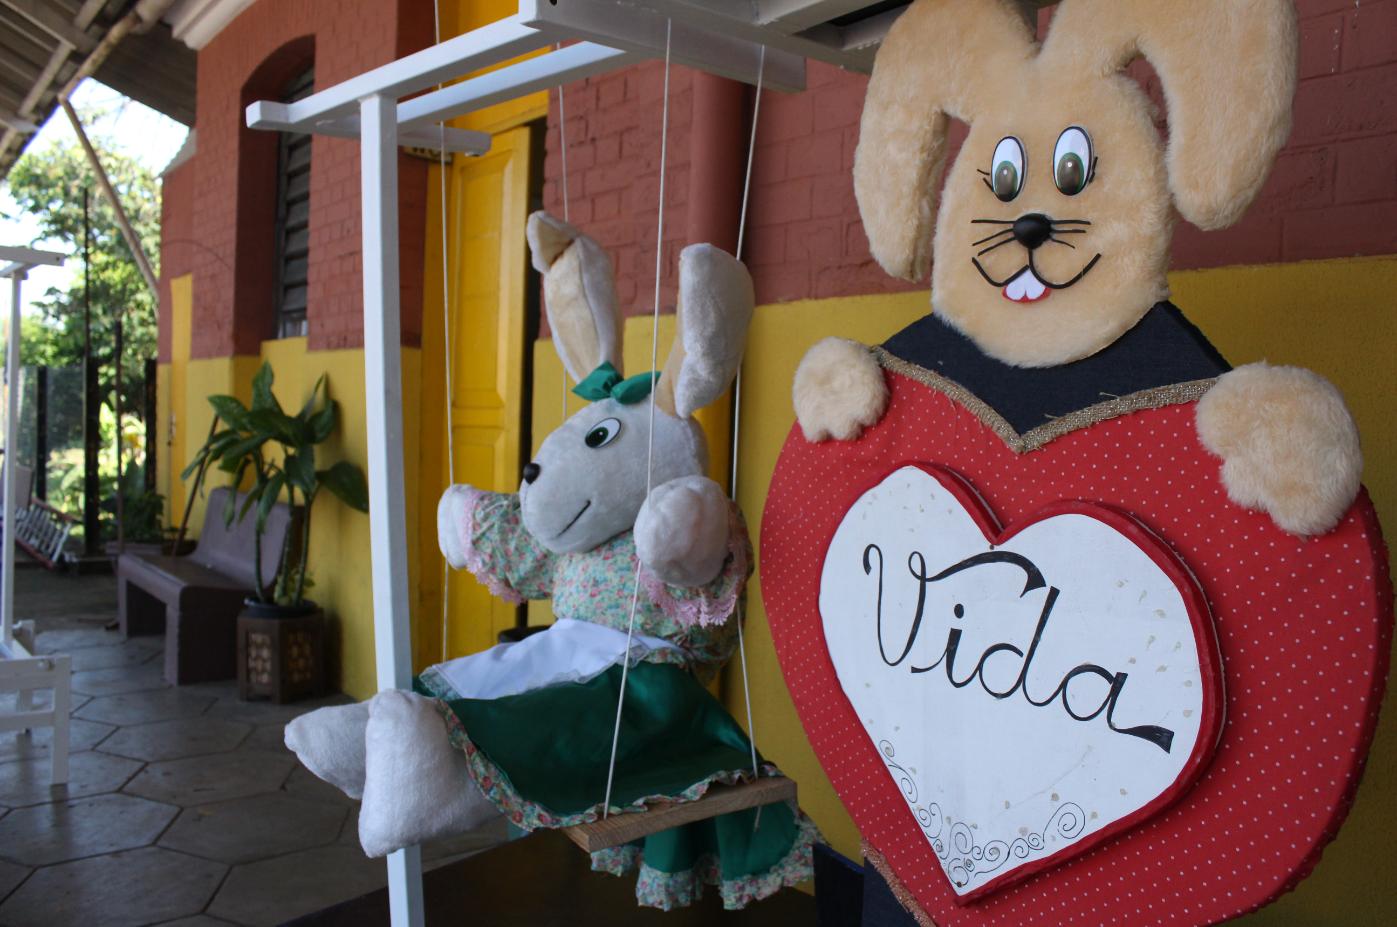 Estação Páscoa tem início na próxima terça-feira em Capivari